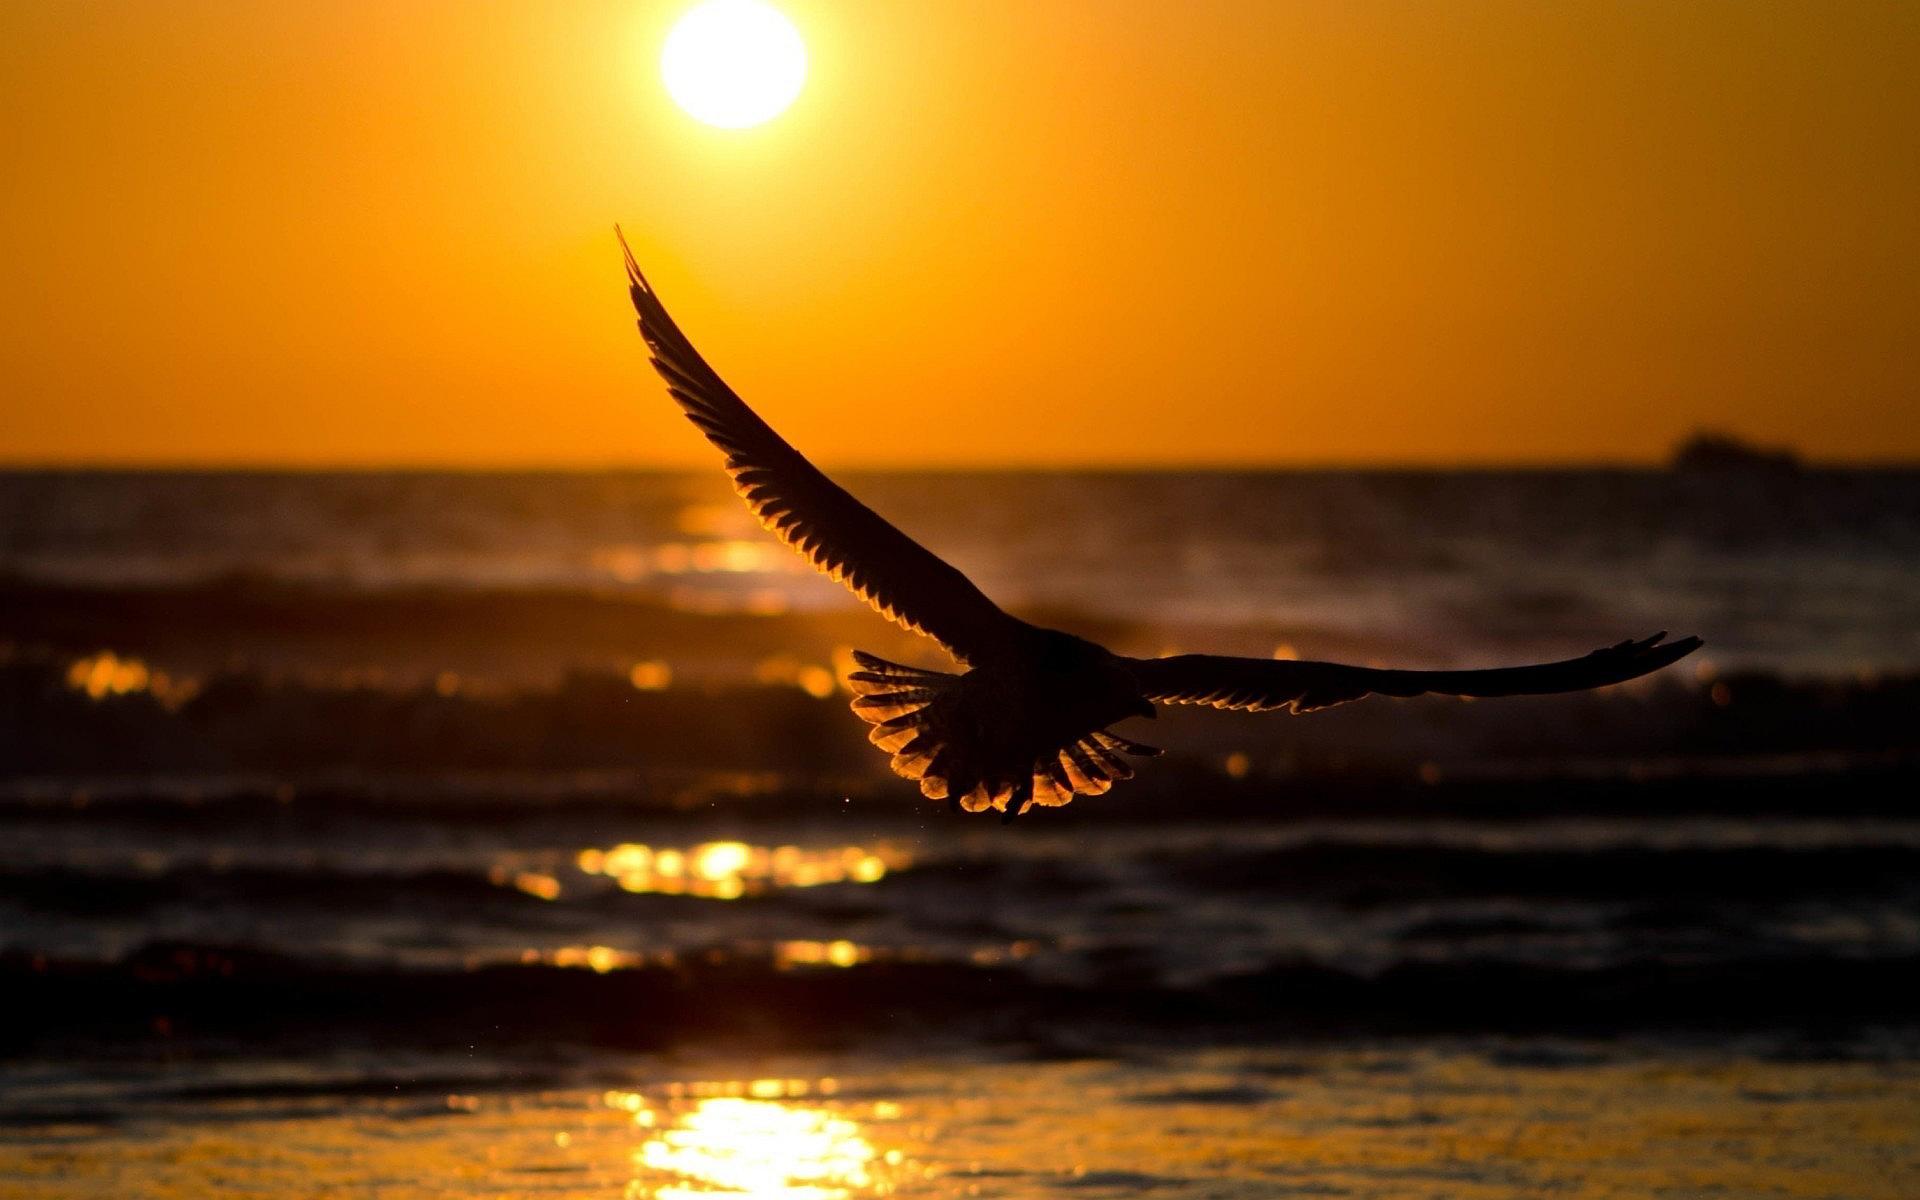 sunset wallpapers bird